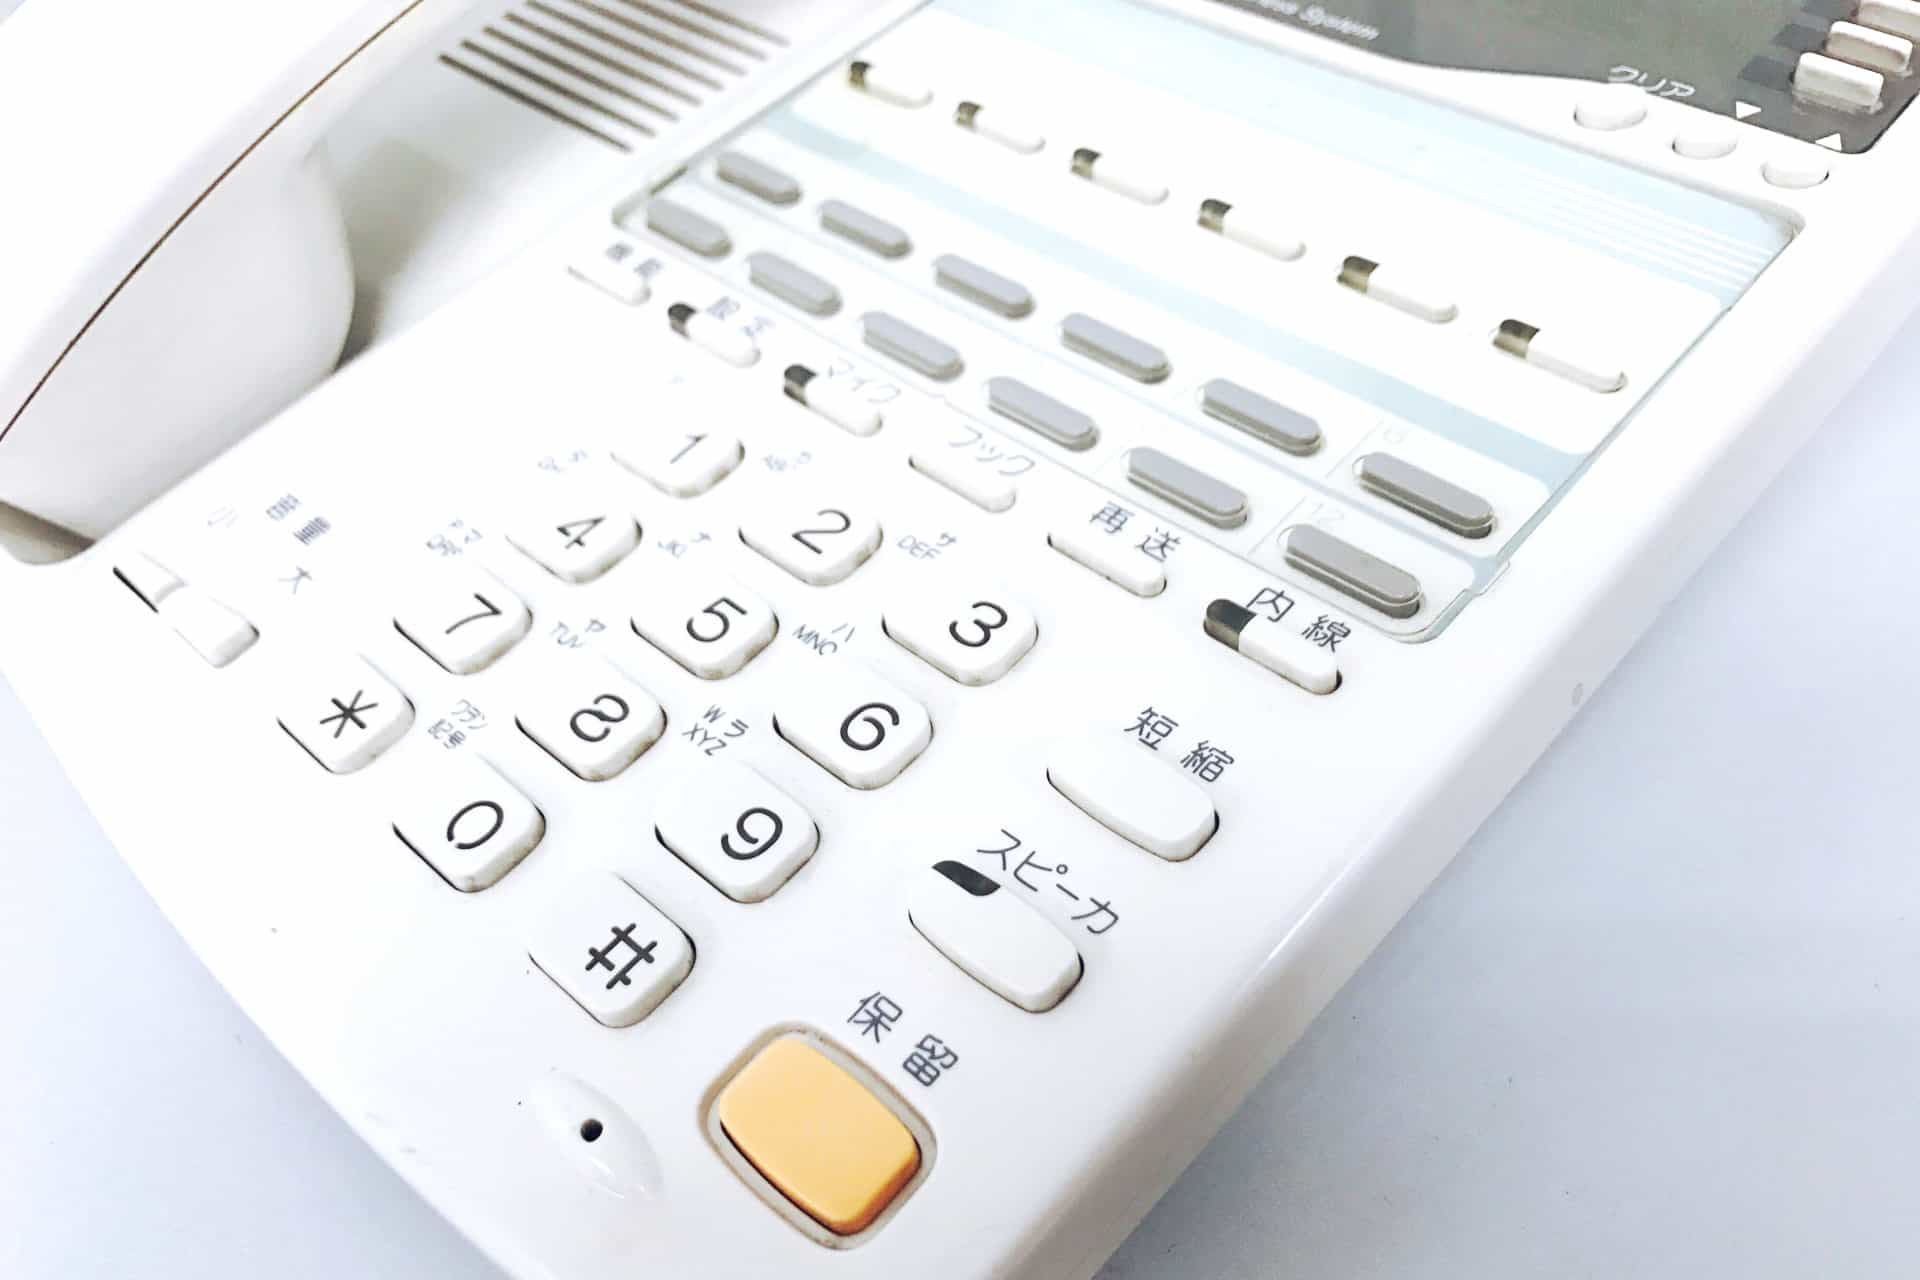 オフィスの電話に、ぼくがでるのが不毛だと思う最大の理由